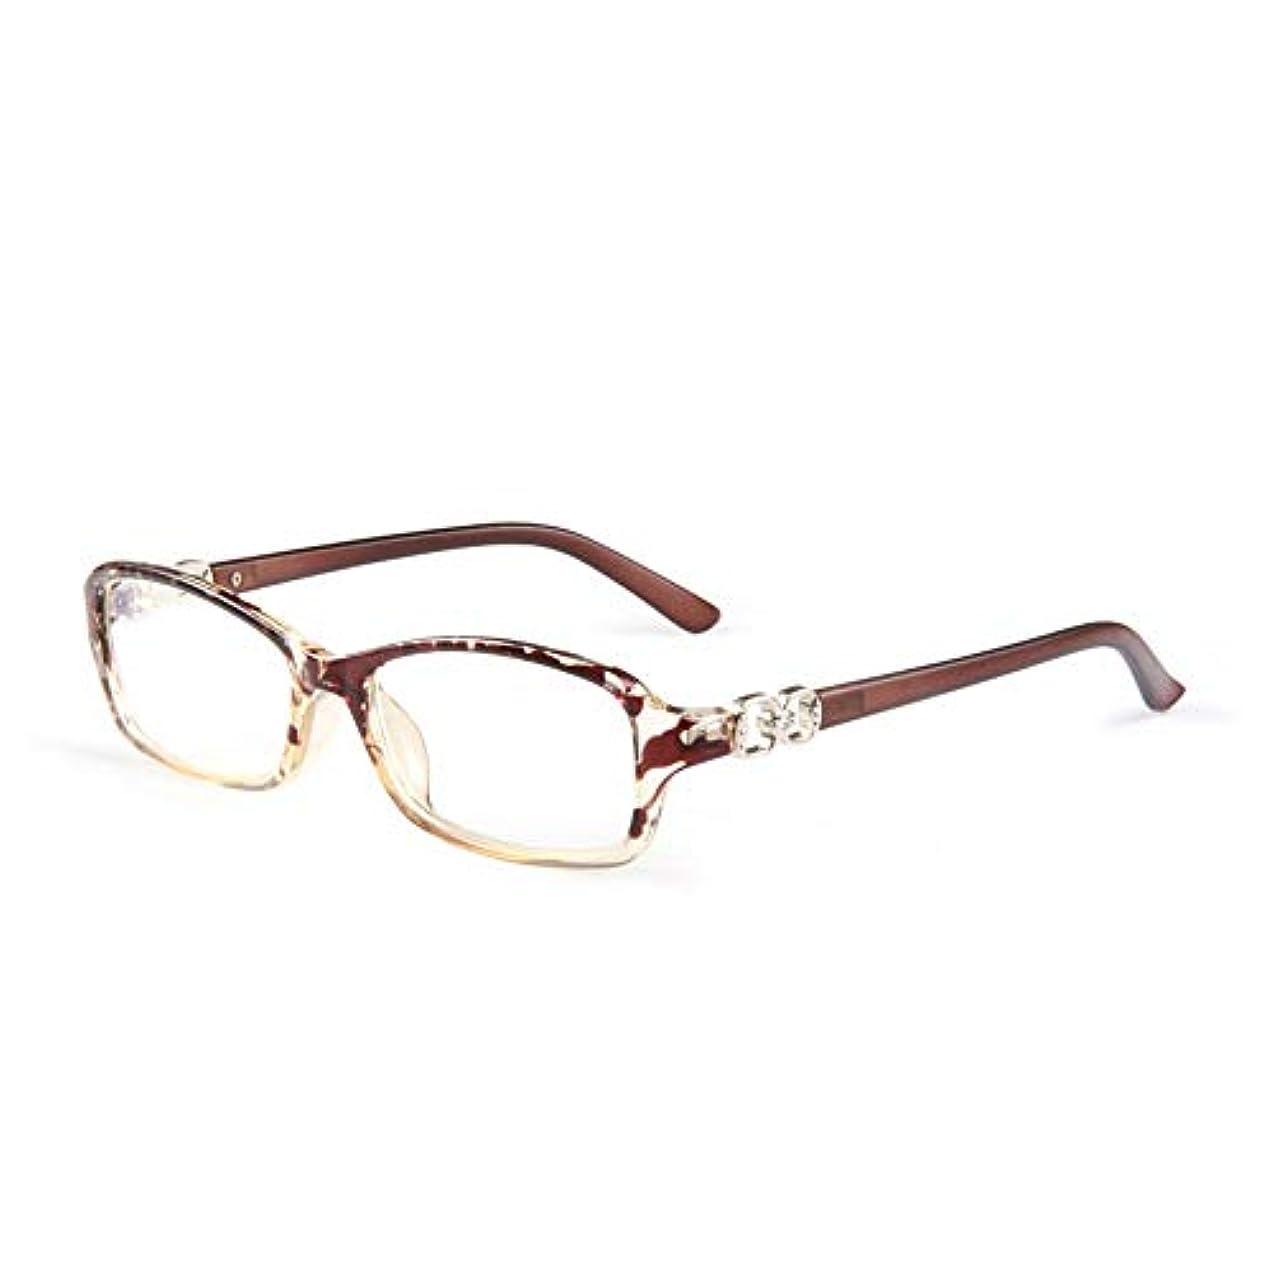 暴力杭コンテストスタイリッシュなアンチブルー老眼鏡、女性用の快適な遠視メガネ、Hd樹脂レンズ、疲労防止および放射線防護、超軽量老眼鏡